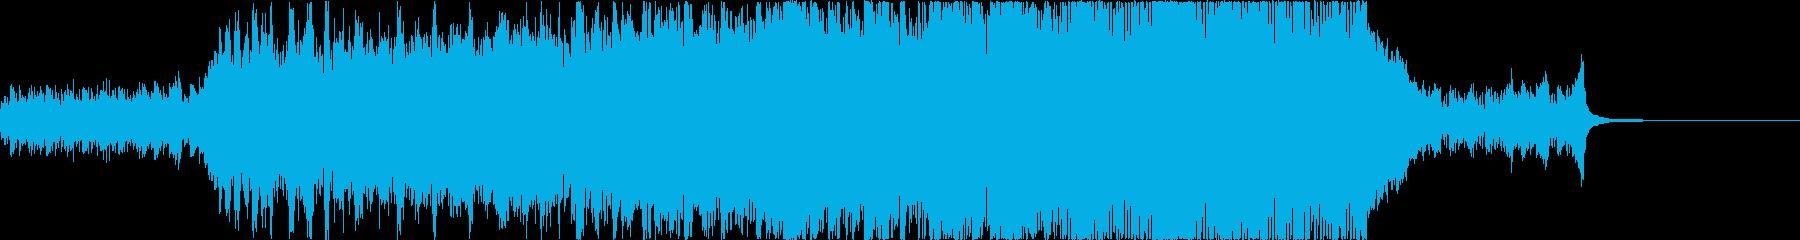 優しく感動的なポップオーケストラの再生済みの波形